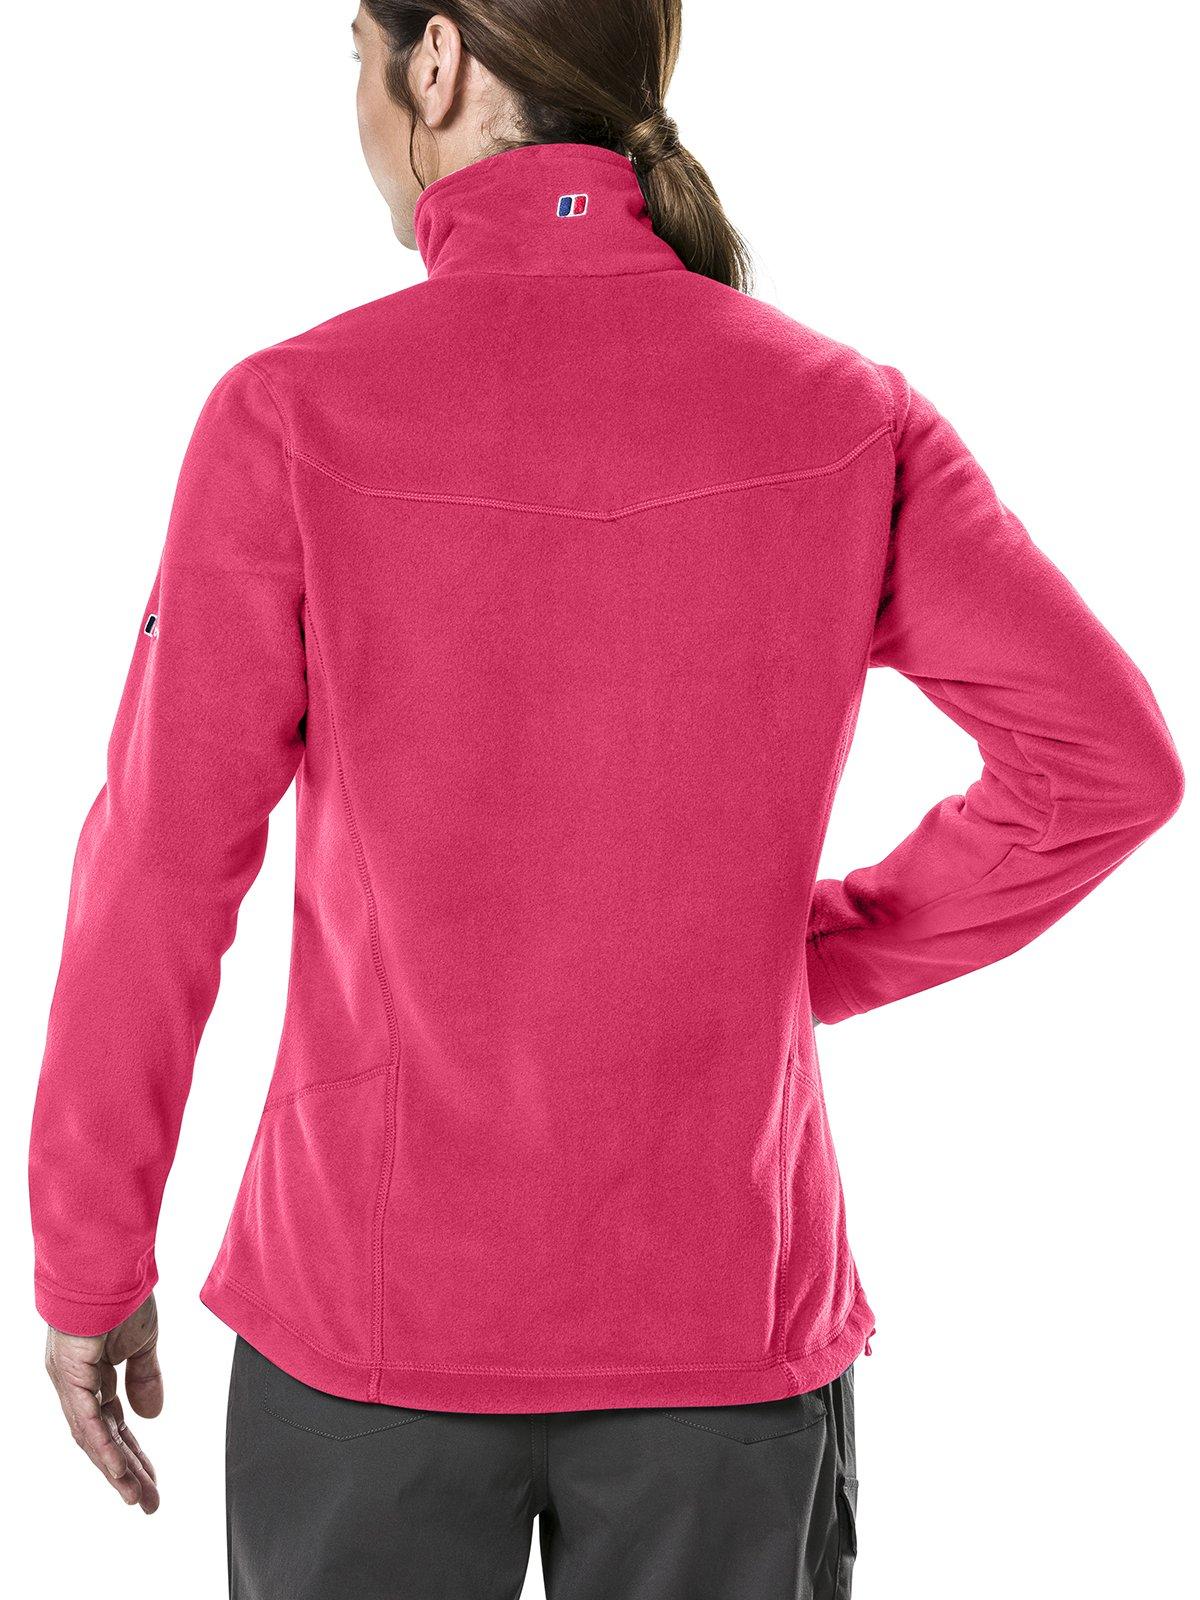 81DAiRrQllL - Berghaus Prism 2.0 Women's Fleece Jacket